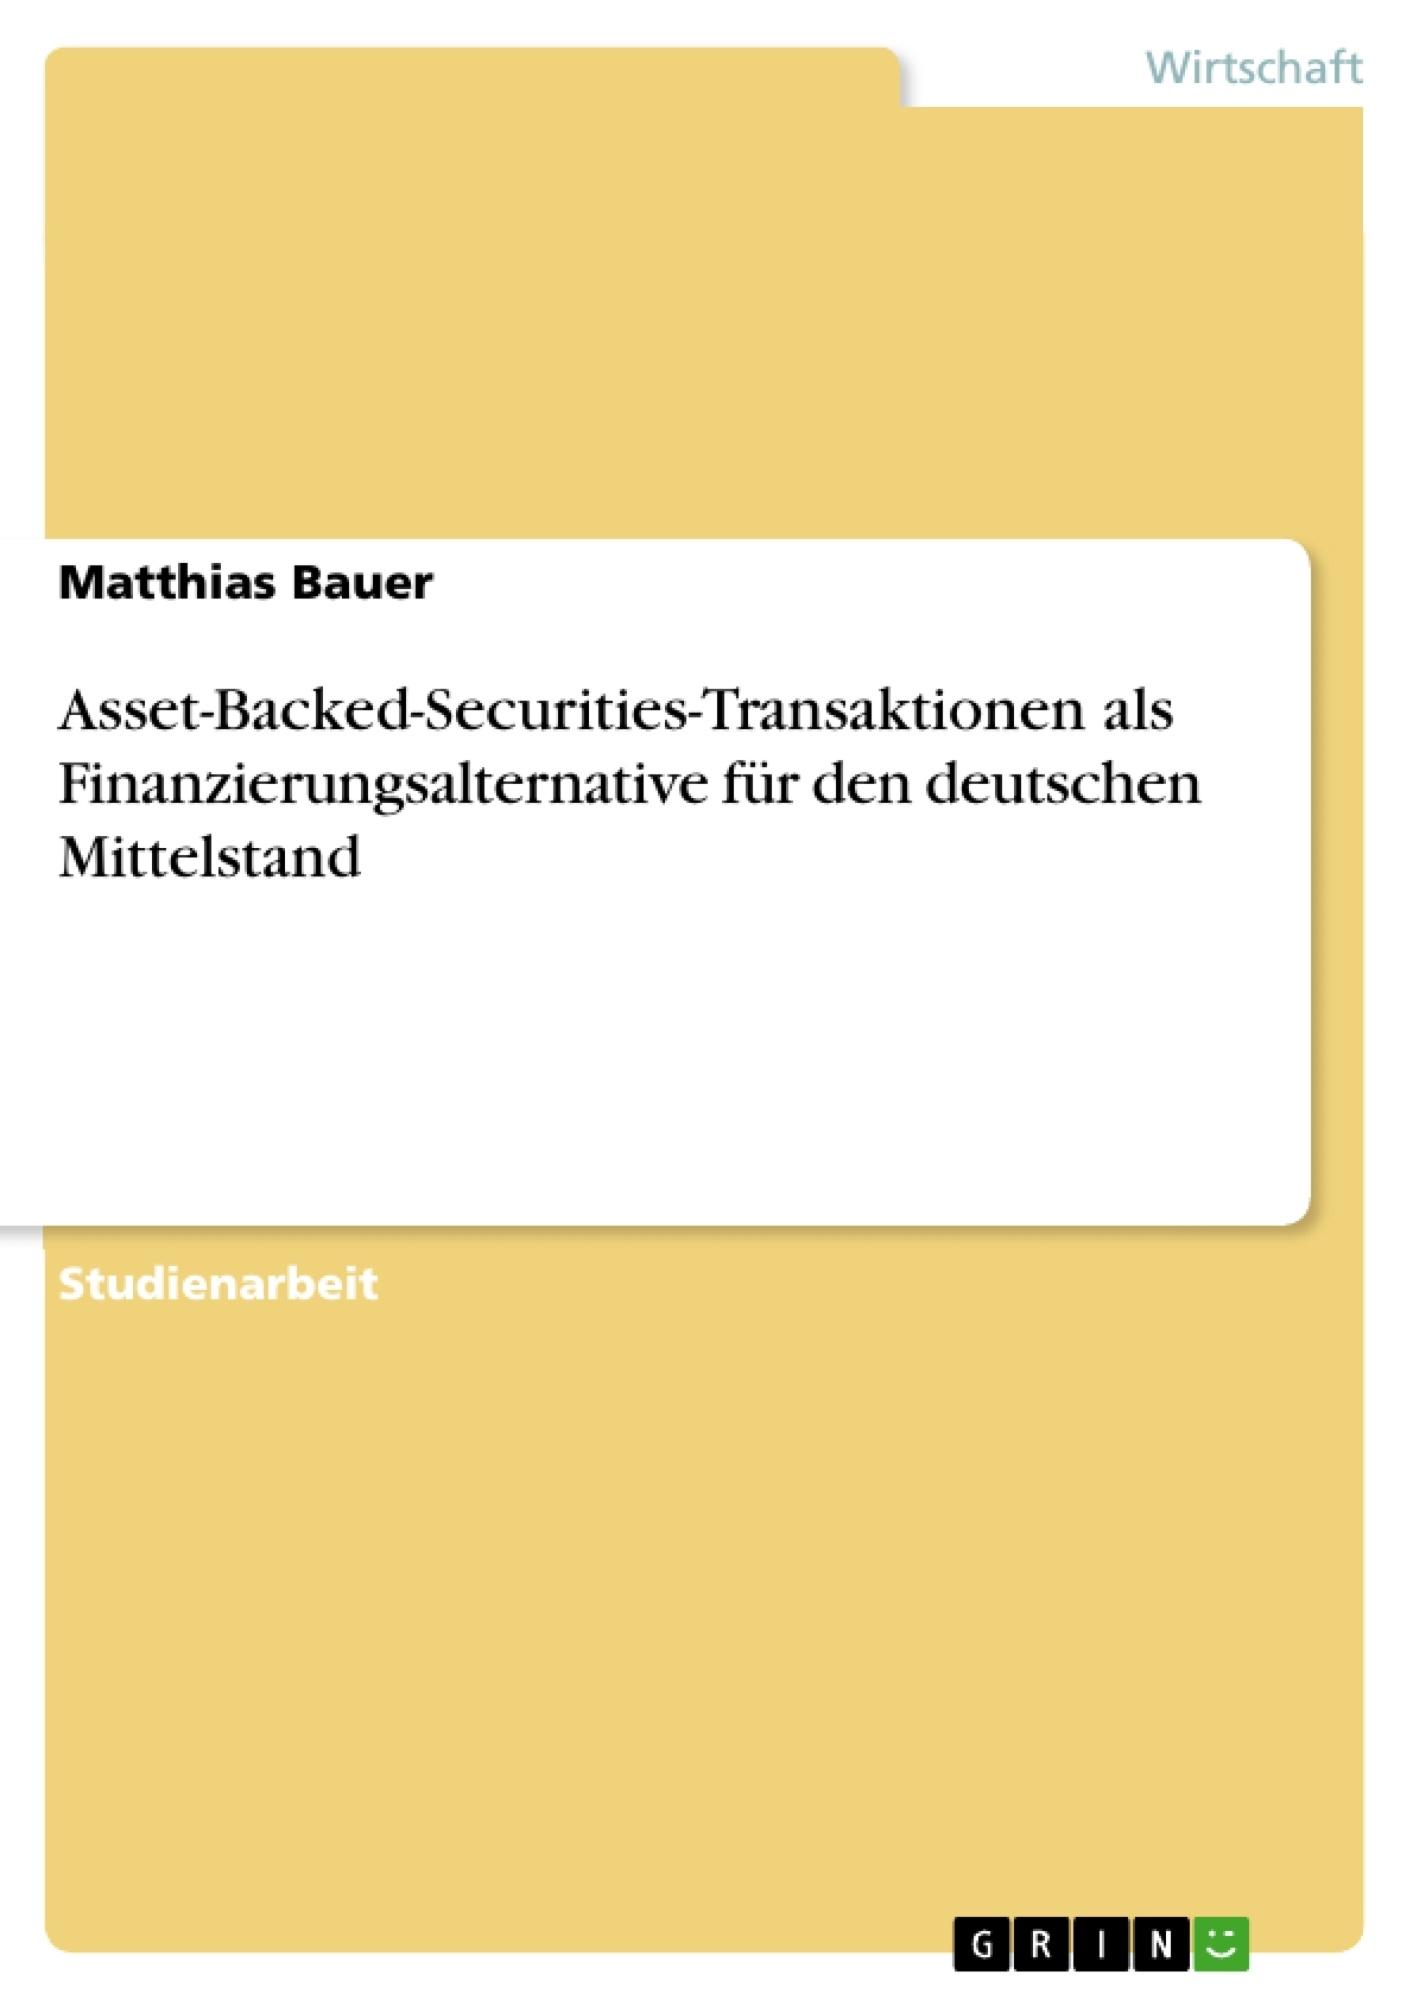 Titel: Asset-Backed-Securities-Transaktionen als Finanzierungsalternative für den deutschen Mittelstand